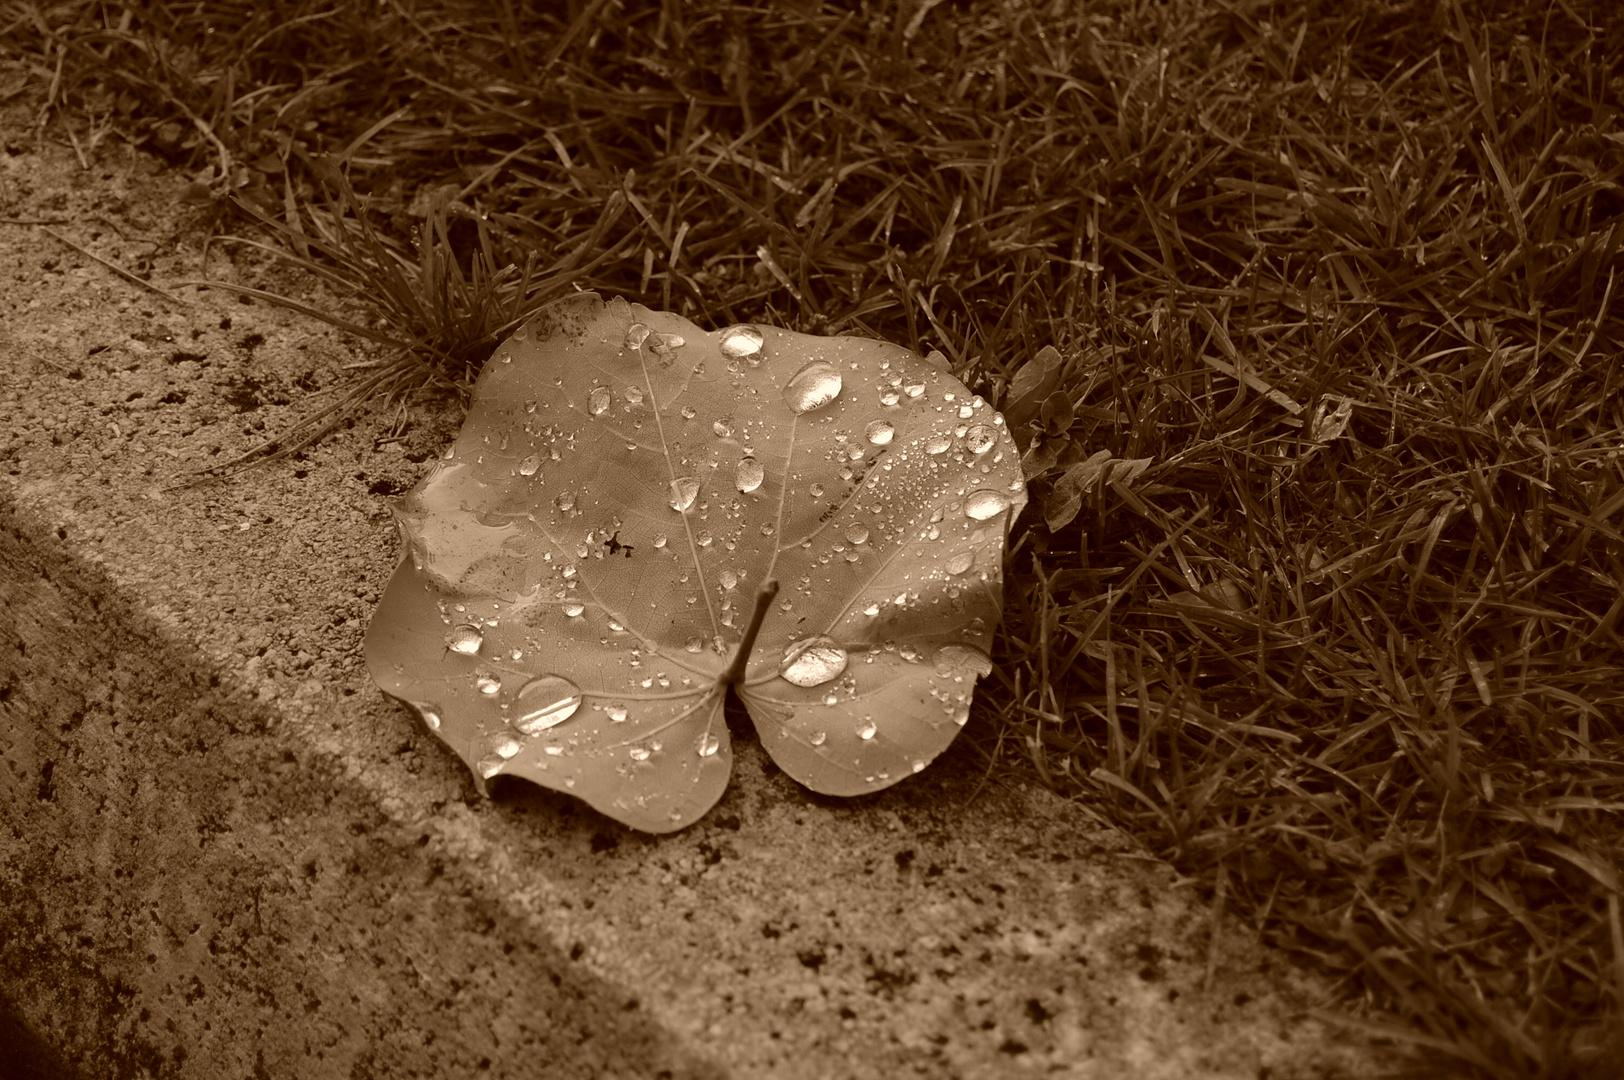 lluvia de soledad